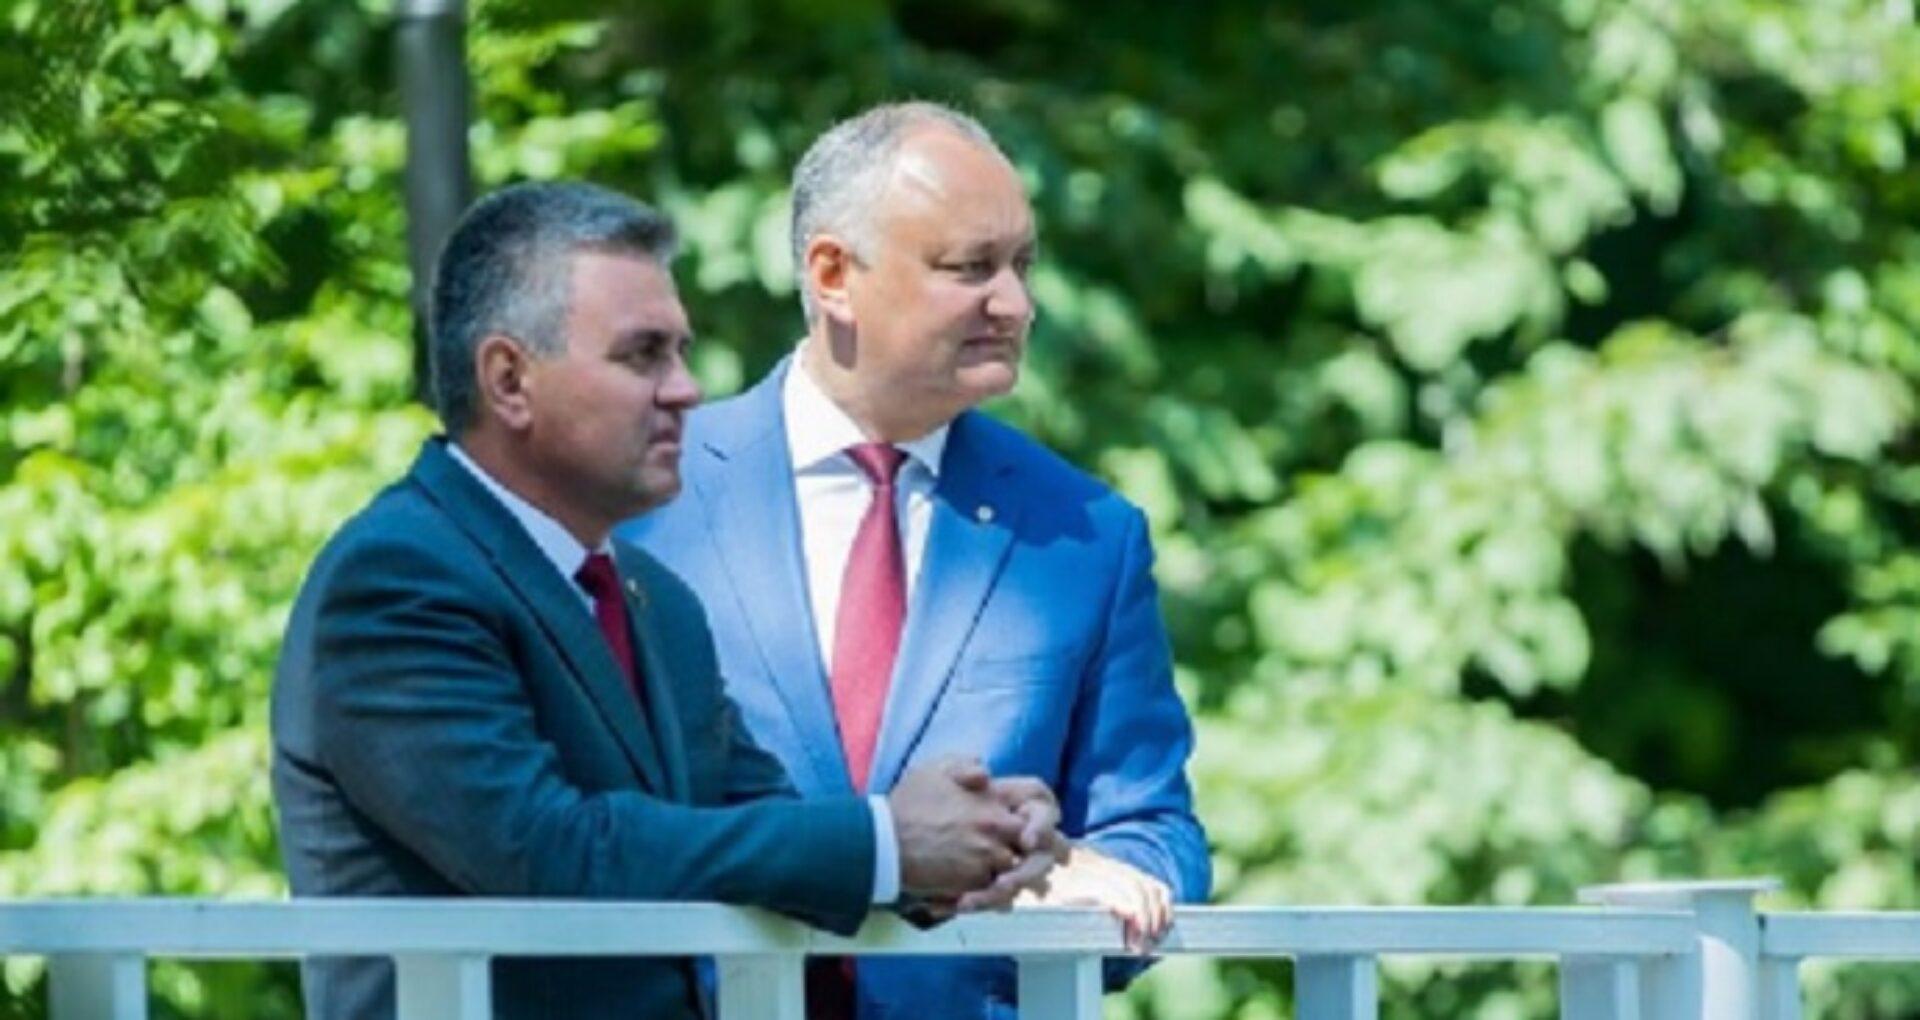 """Igor Dodon, sesizat la PG, după ce l-a numit pe Vadim Krasnoselski """"președintele Transnistriei"""": """"Este o ilegalitate, care constituie un act de trădare de țără și un grav atentat la statul Republica Moldova"""""""